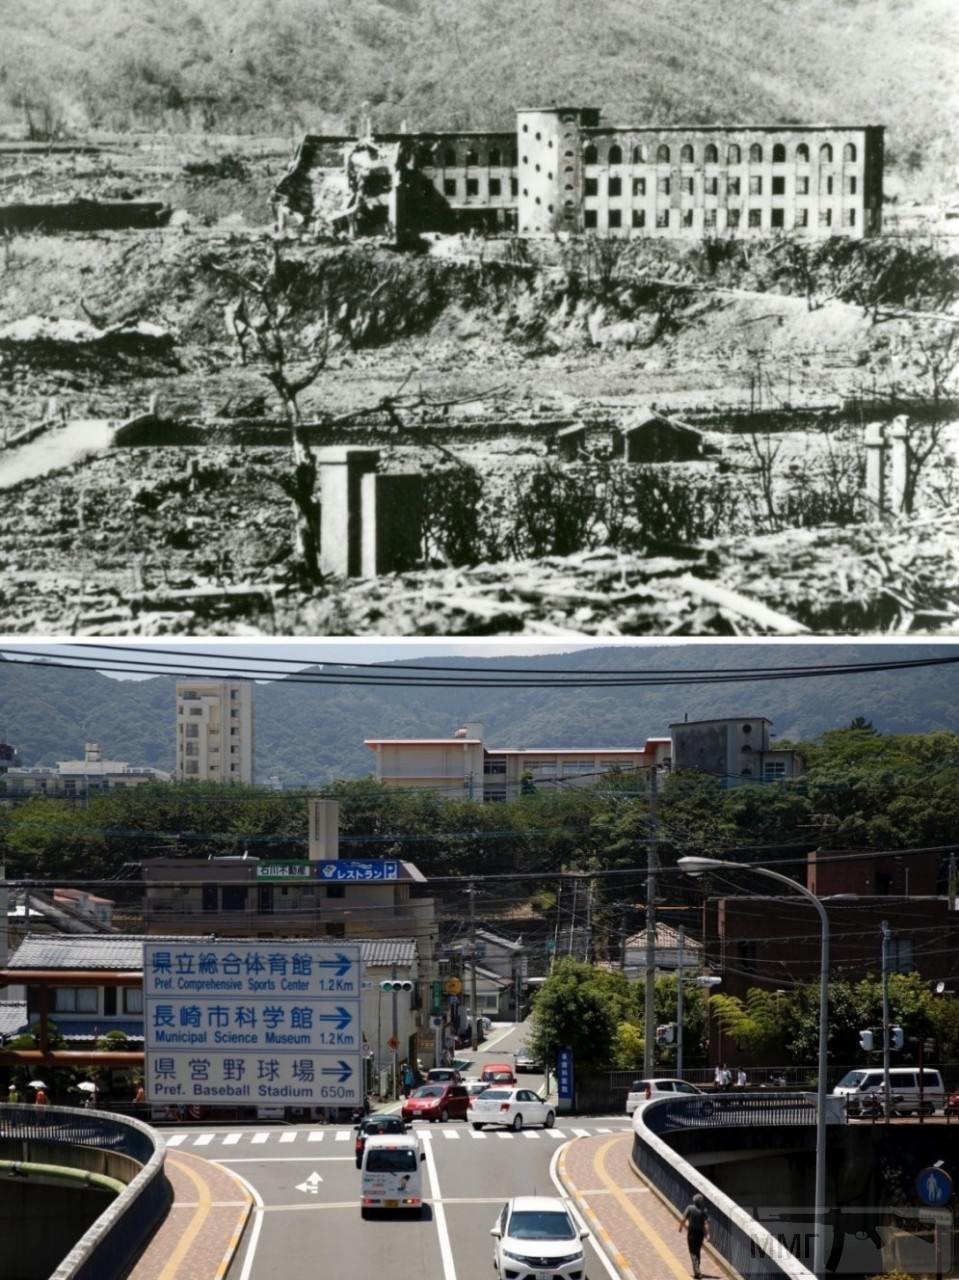 54496 - Хиросима и Нагасаки